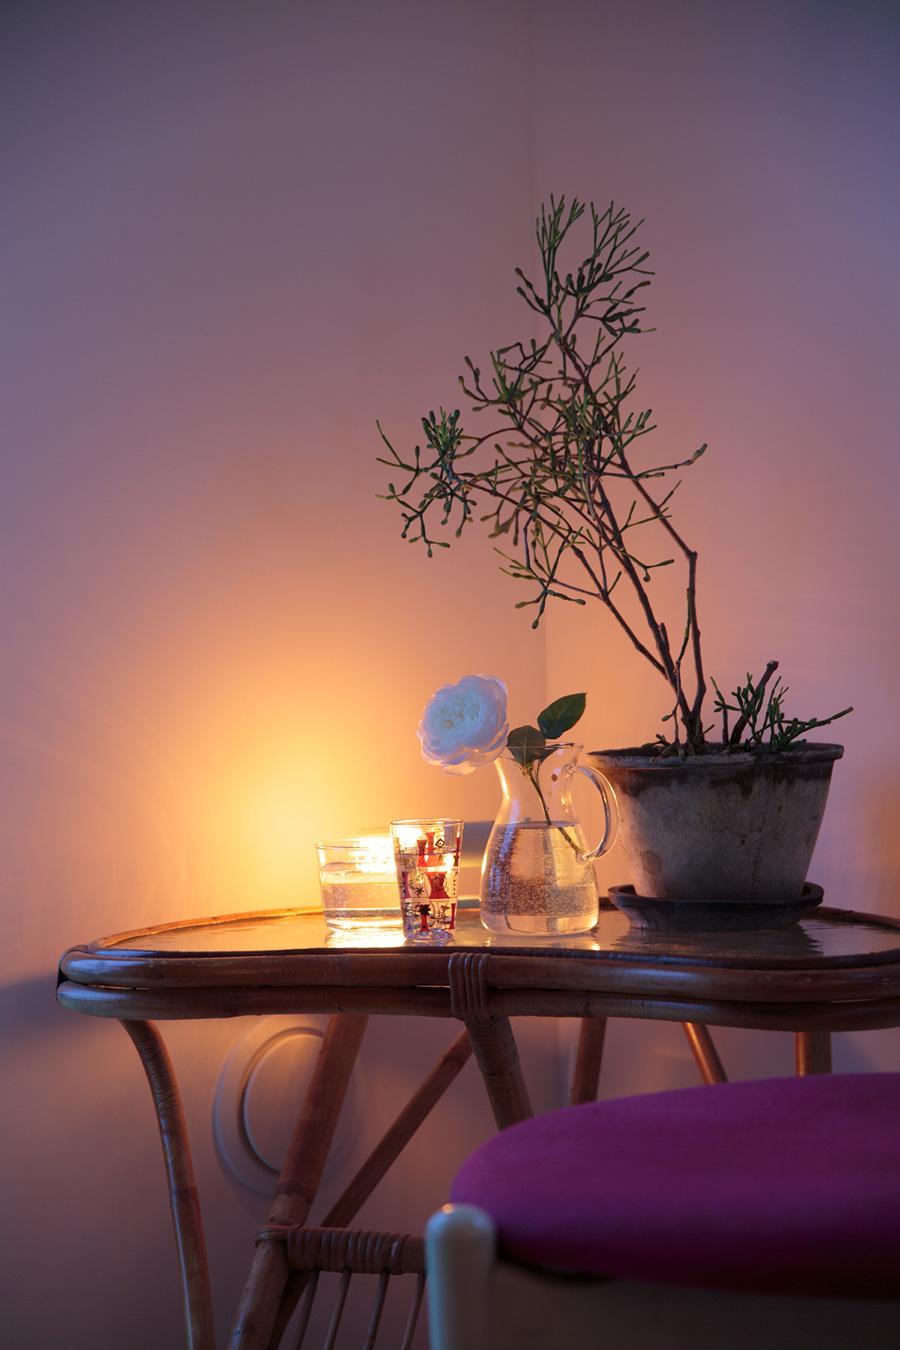 """コーナーの暗がりや部屋の入り隅、デッドスペースなどに小さなライトをしのばせる""""かくれんぼライト""""。照明器具が隠れていることでより幻想的な雰囲気を出してくれる。"""